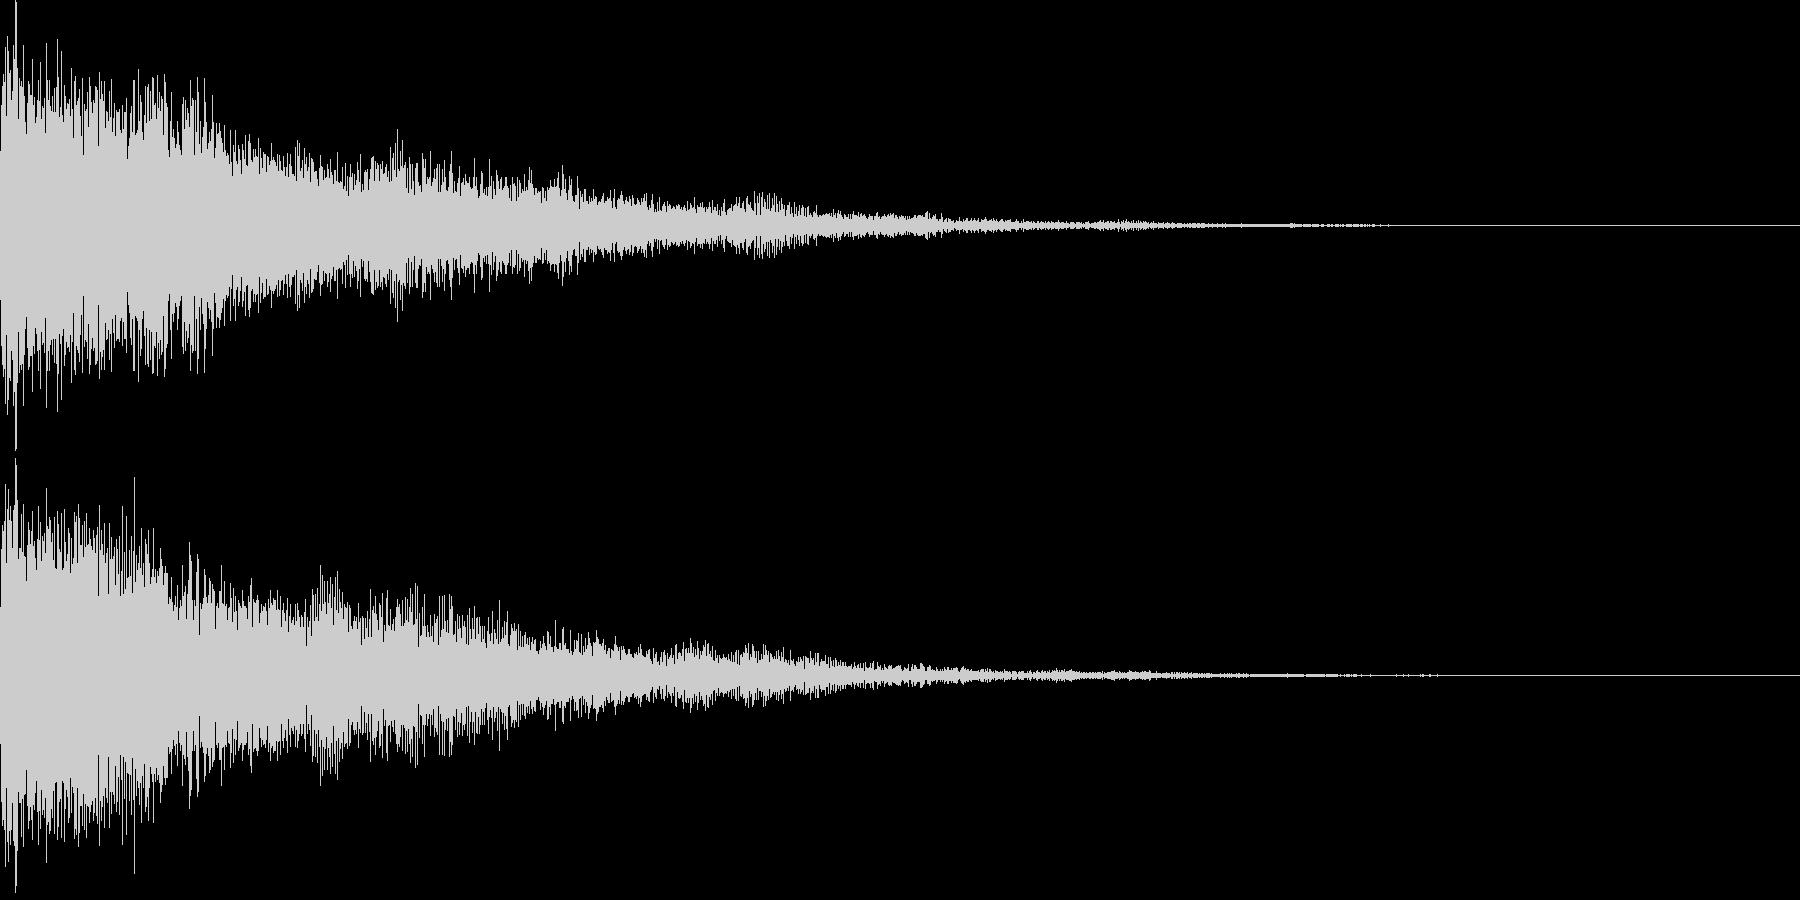 ピコーン(チャイム ひらめき スイッチ)の未再生の波形